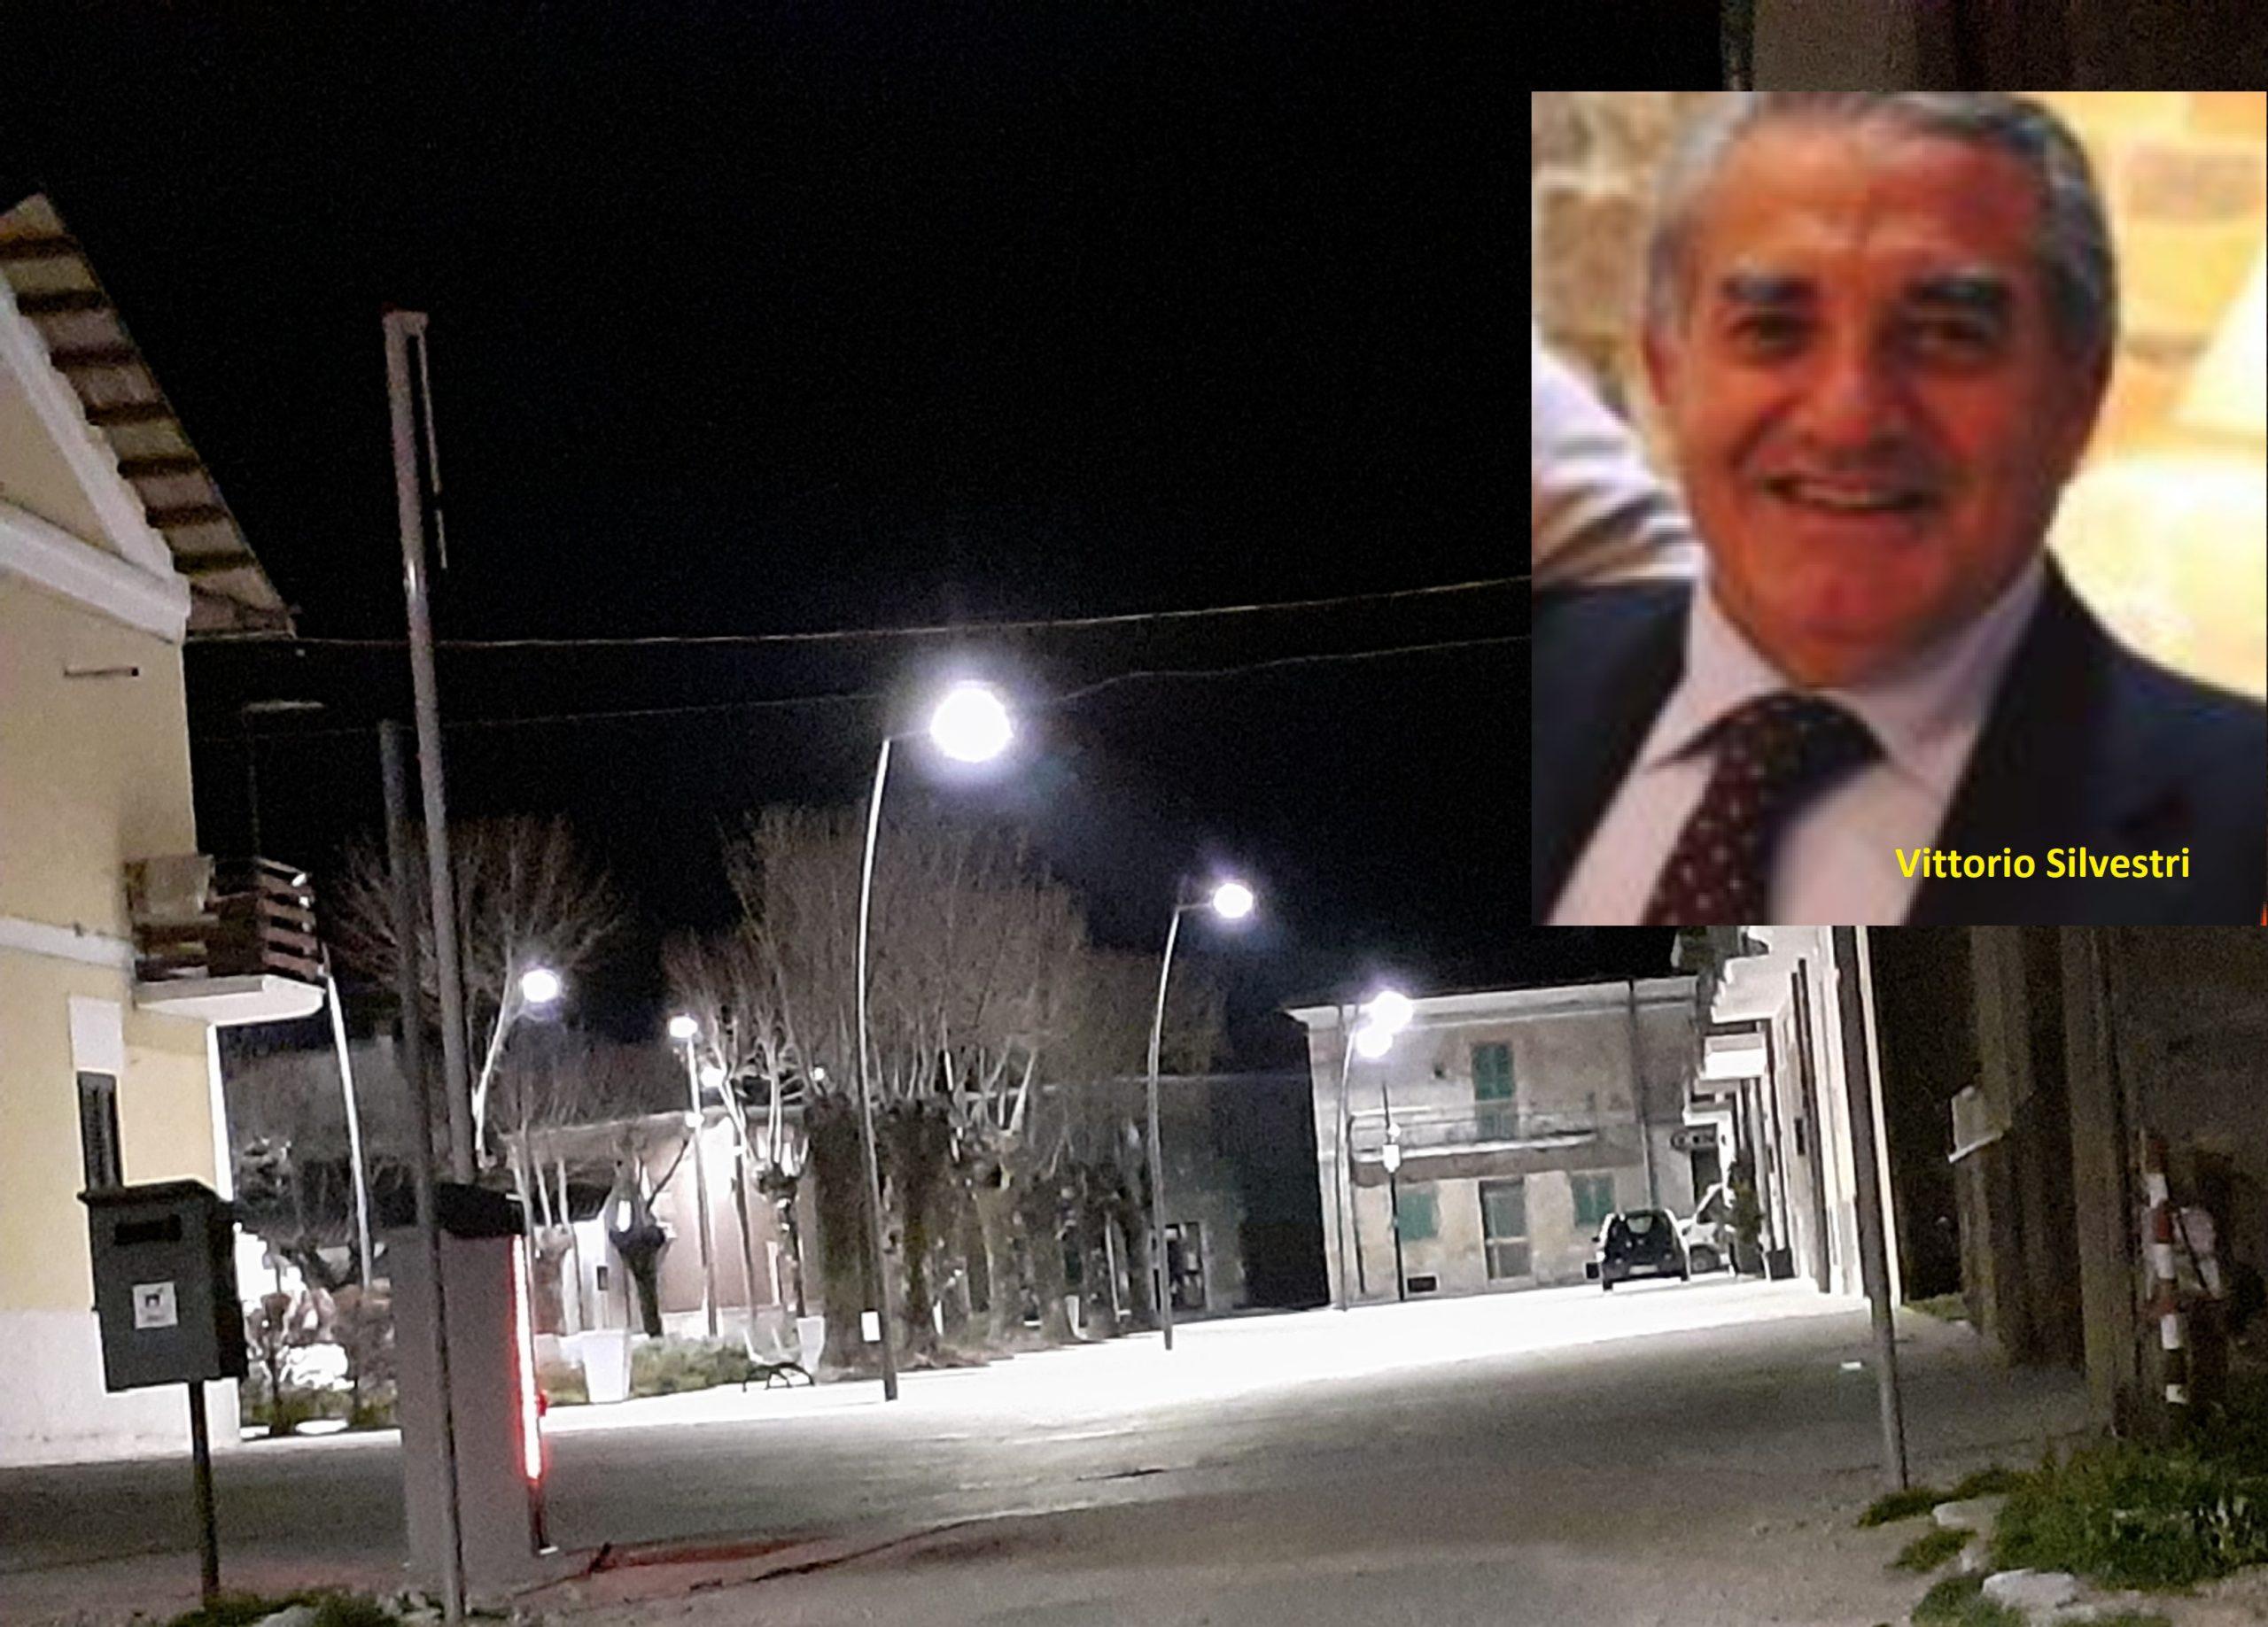 Capistrello, Vittorio Silvestri, consigliere di minoranza, chiede al sindaco Ciciotti maggiore chiarezza e più collaborazione